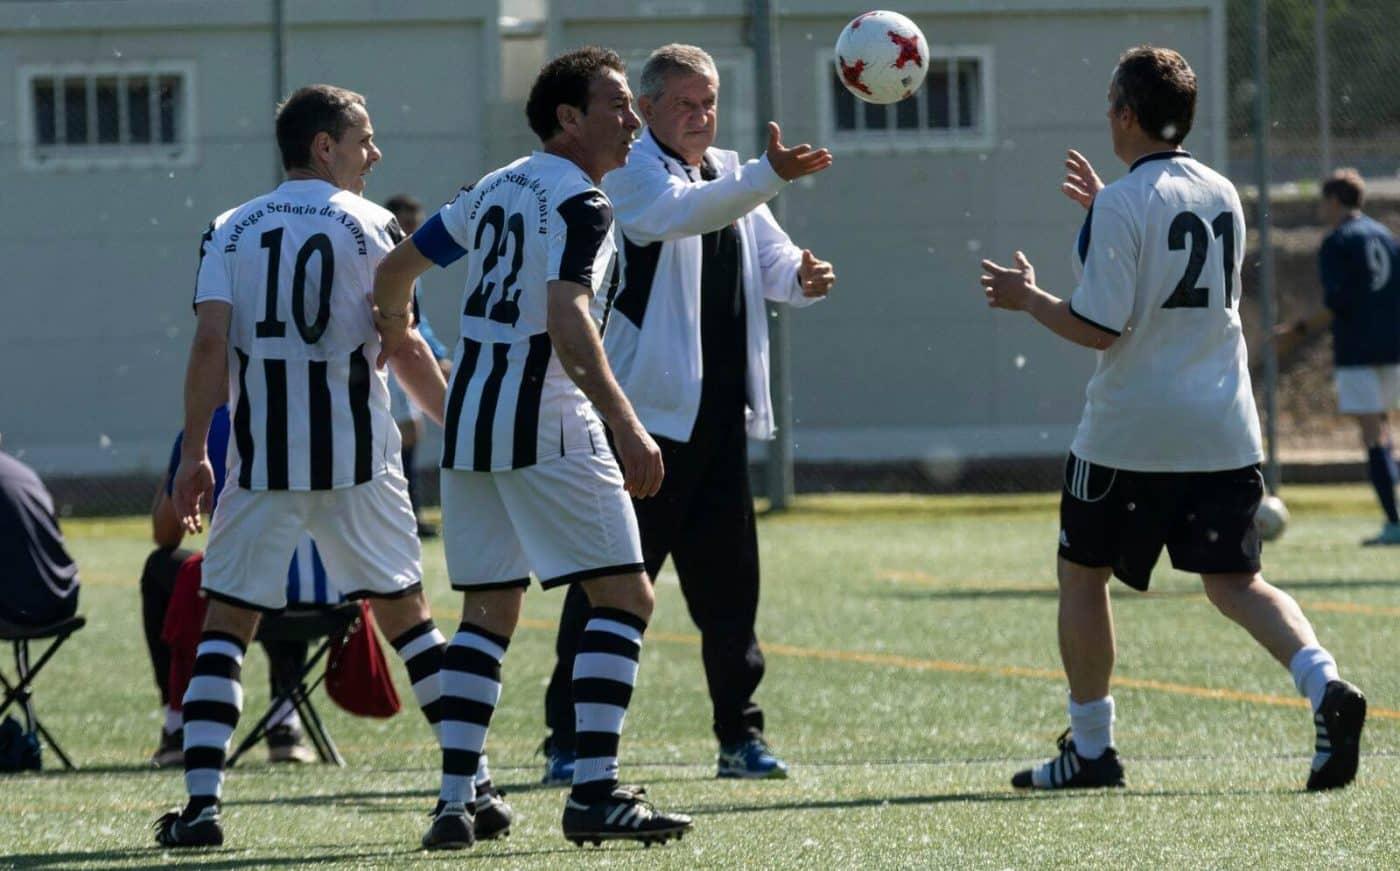 El CD Logroñés, campeón de la Copa Rioja Fútbol Veteranos disputada en Haro 3